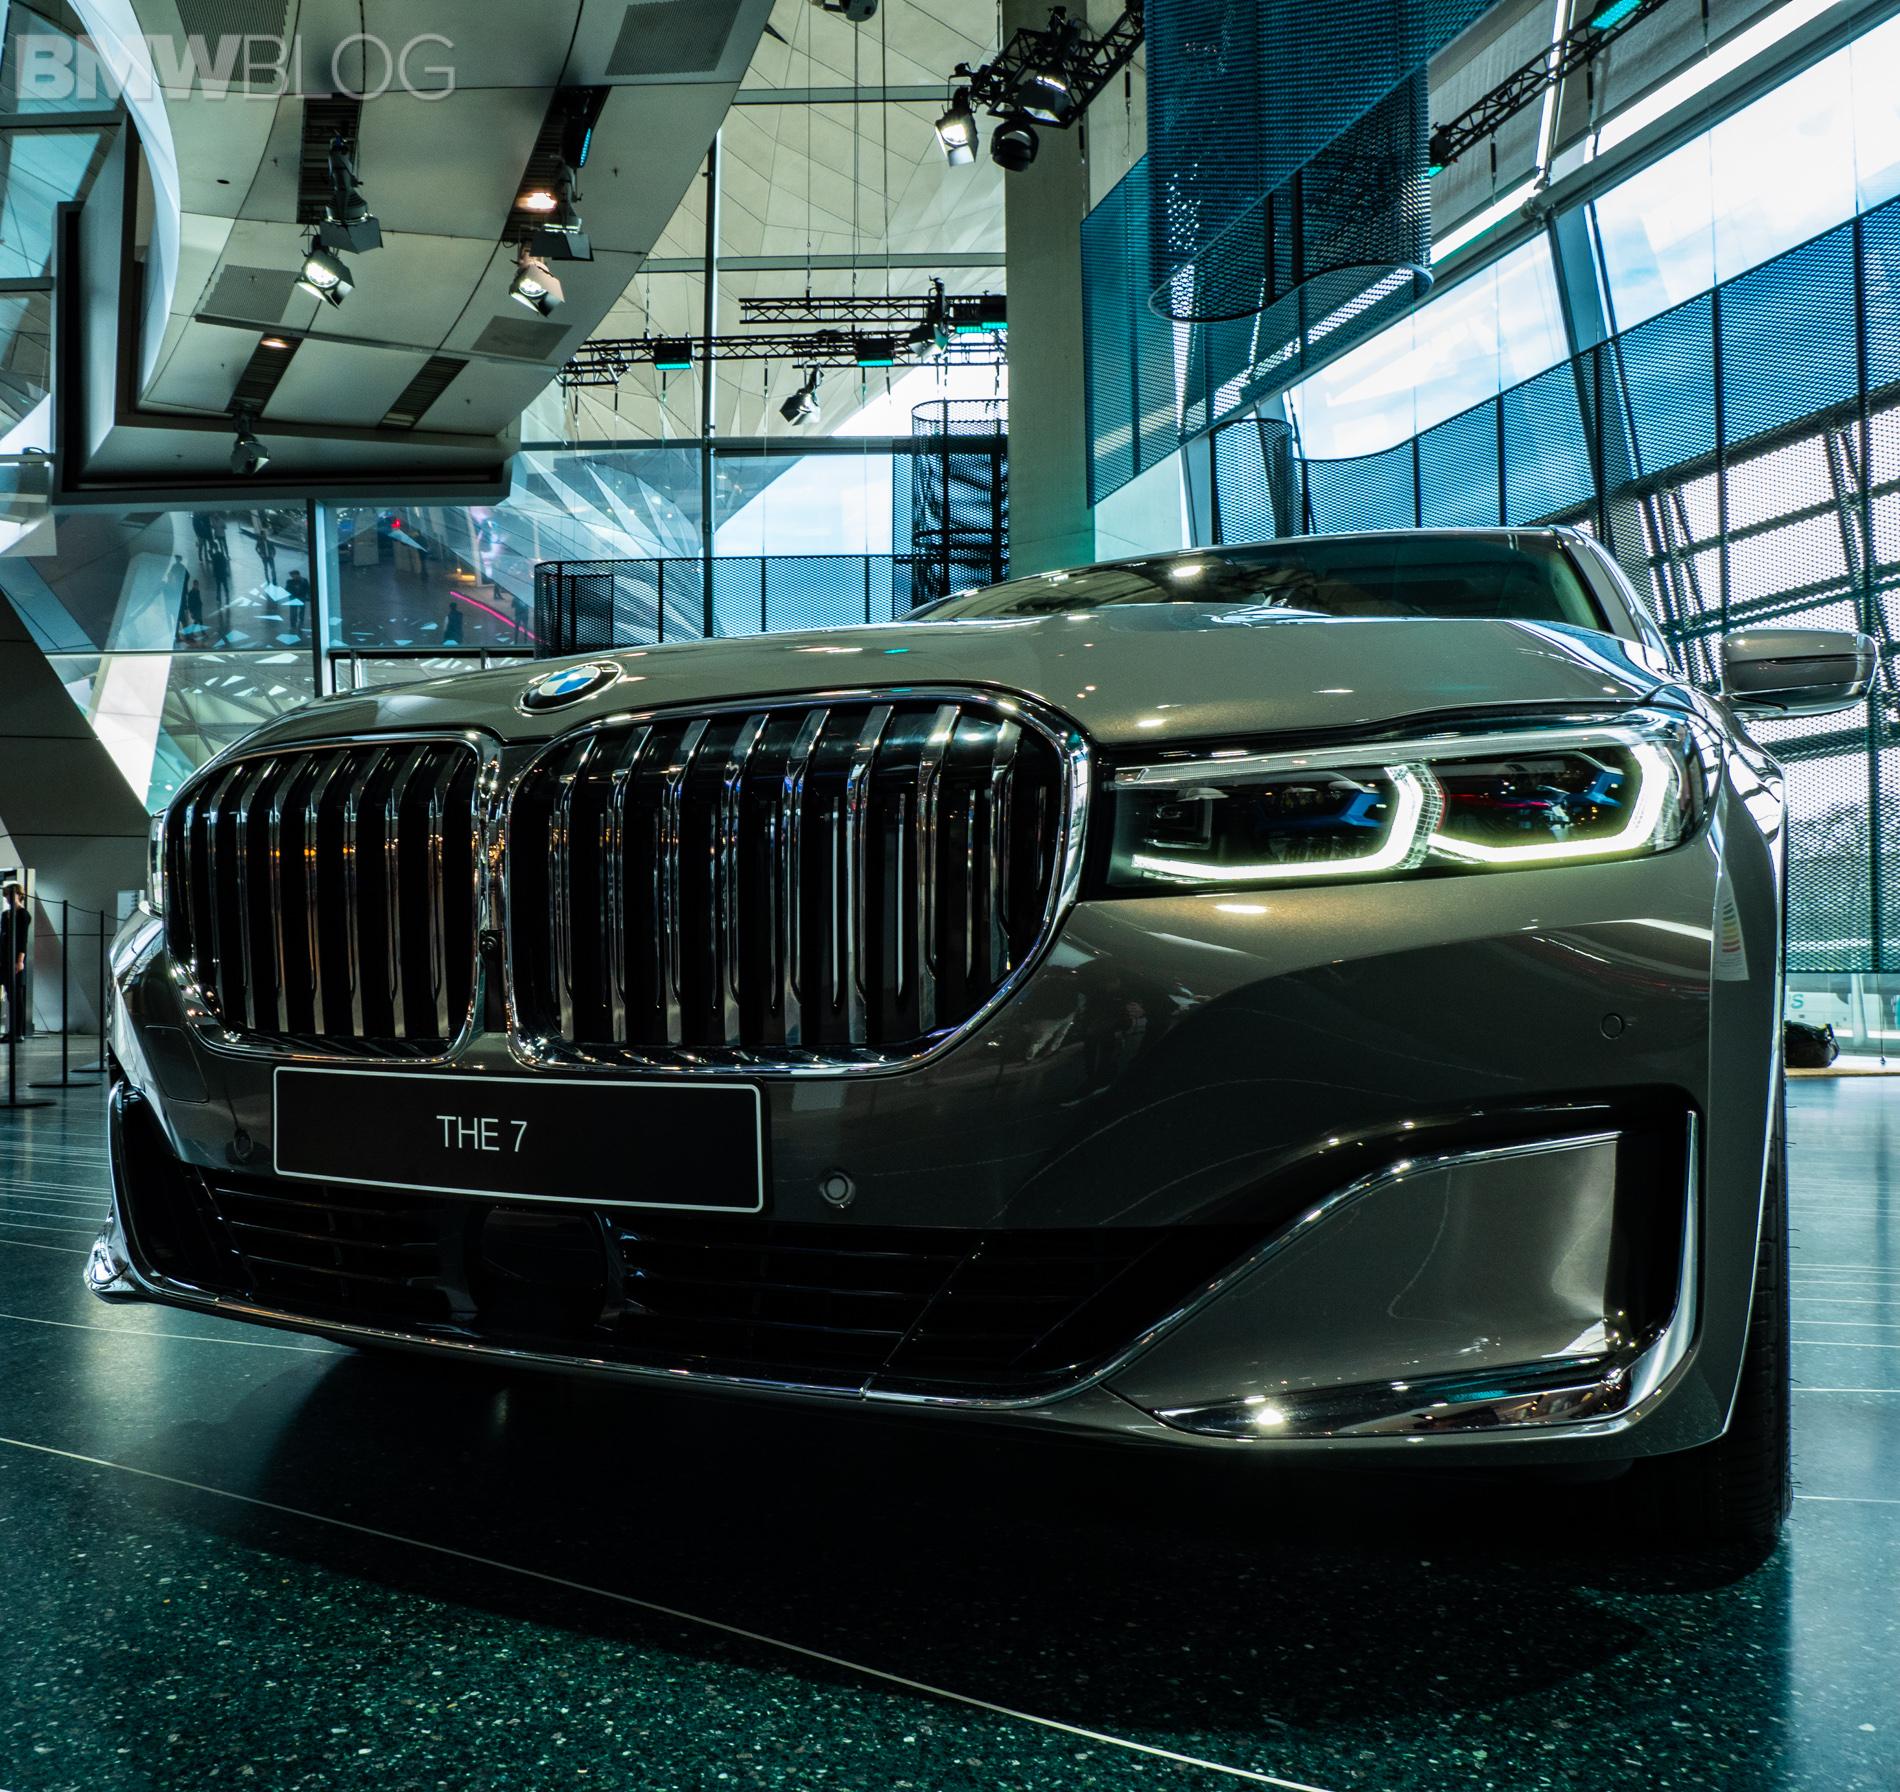 2019 BMW 750i Facelift Live From BMW Welt